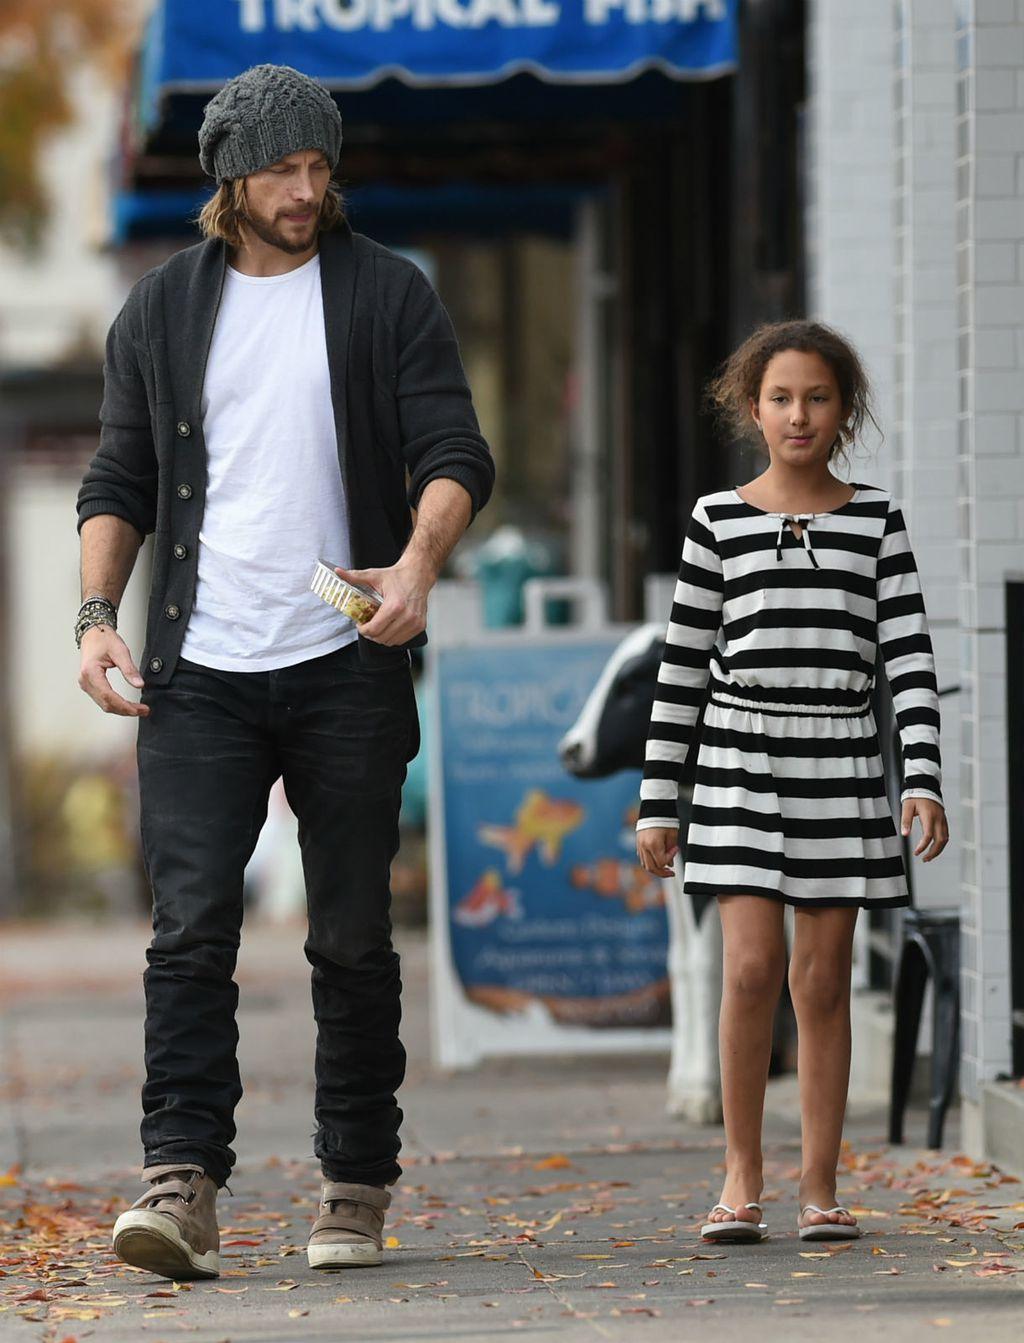 Kći Halle Berry s tatom Gabrielom Aubryjem - 3